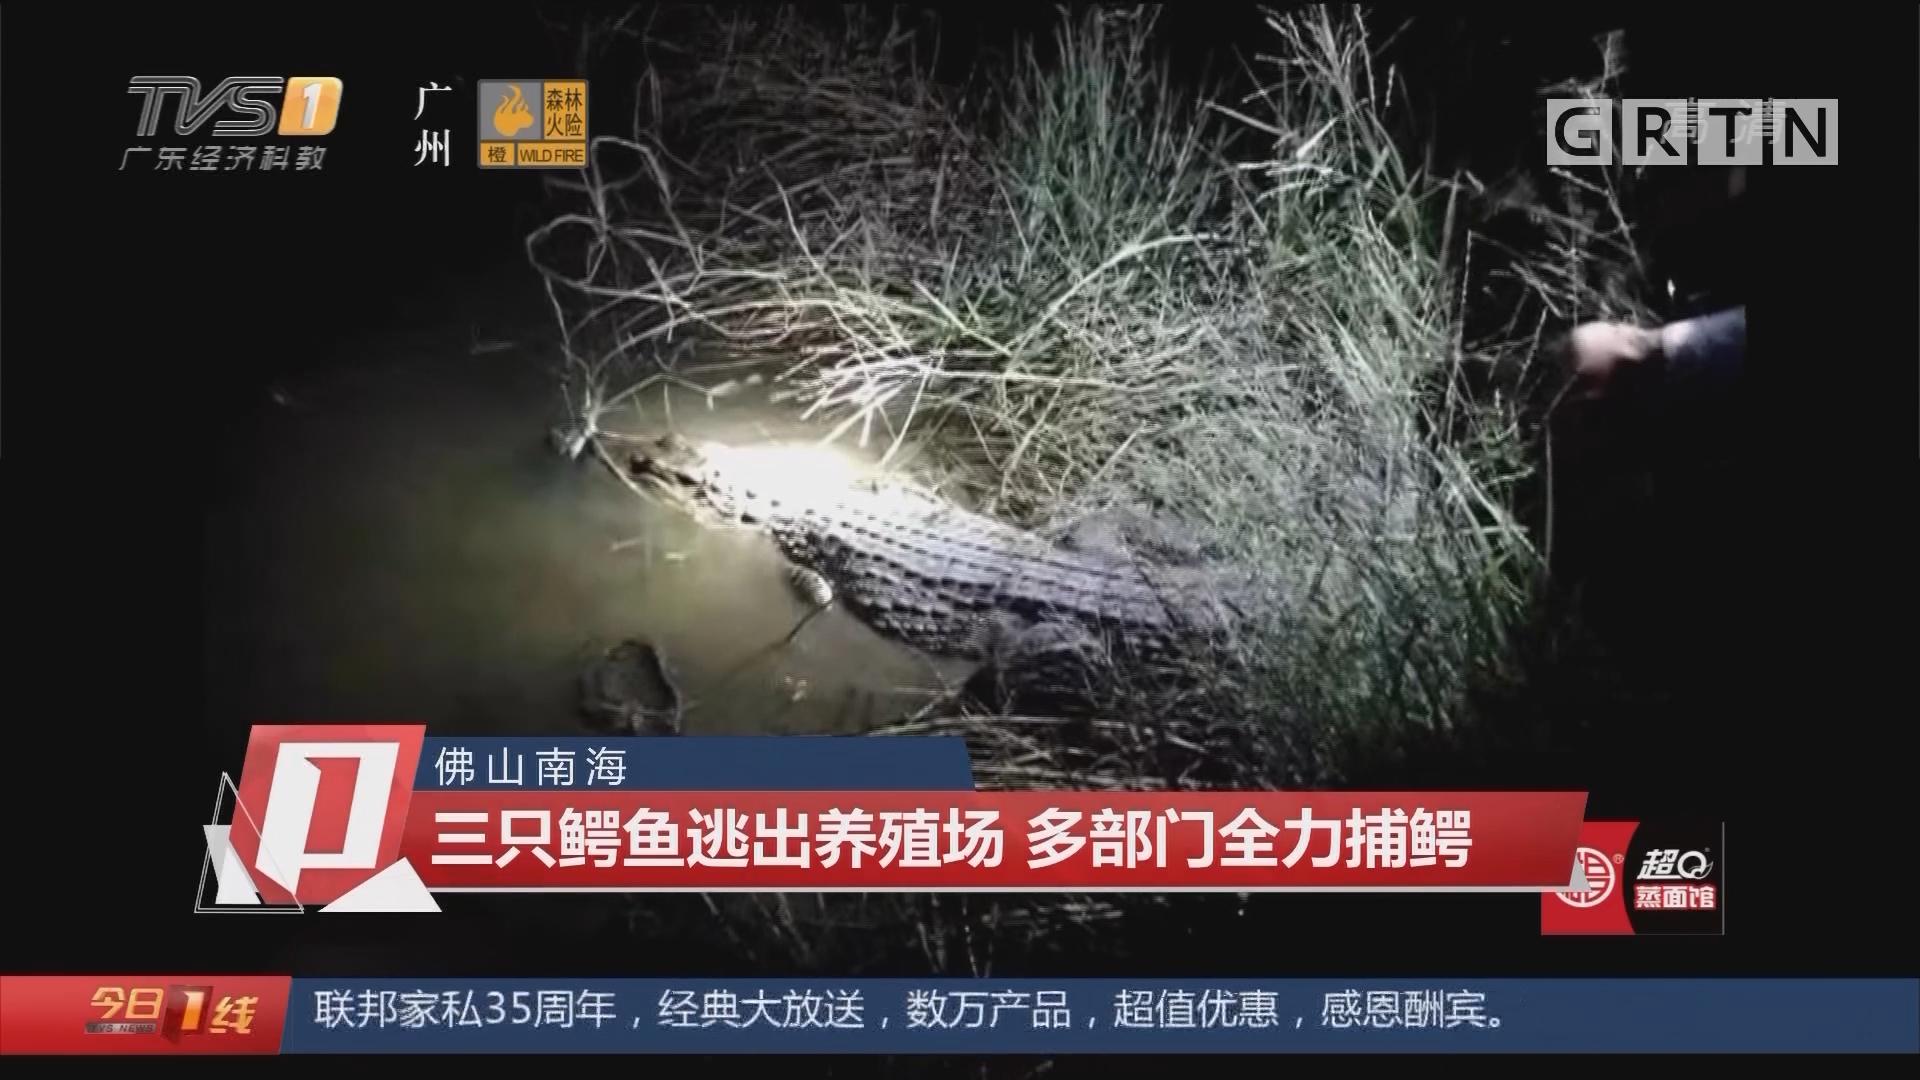 佛山南海:三只鳄鱼逃出养殖场 多部门全力捕鳄